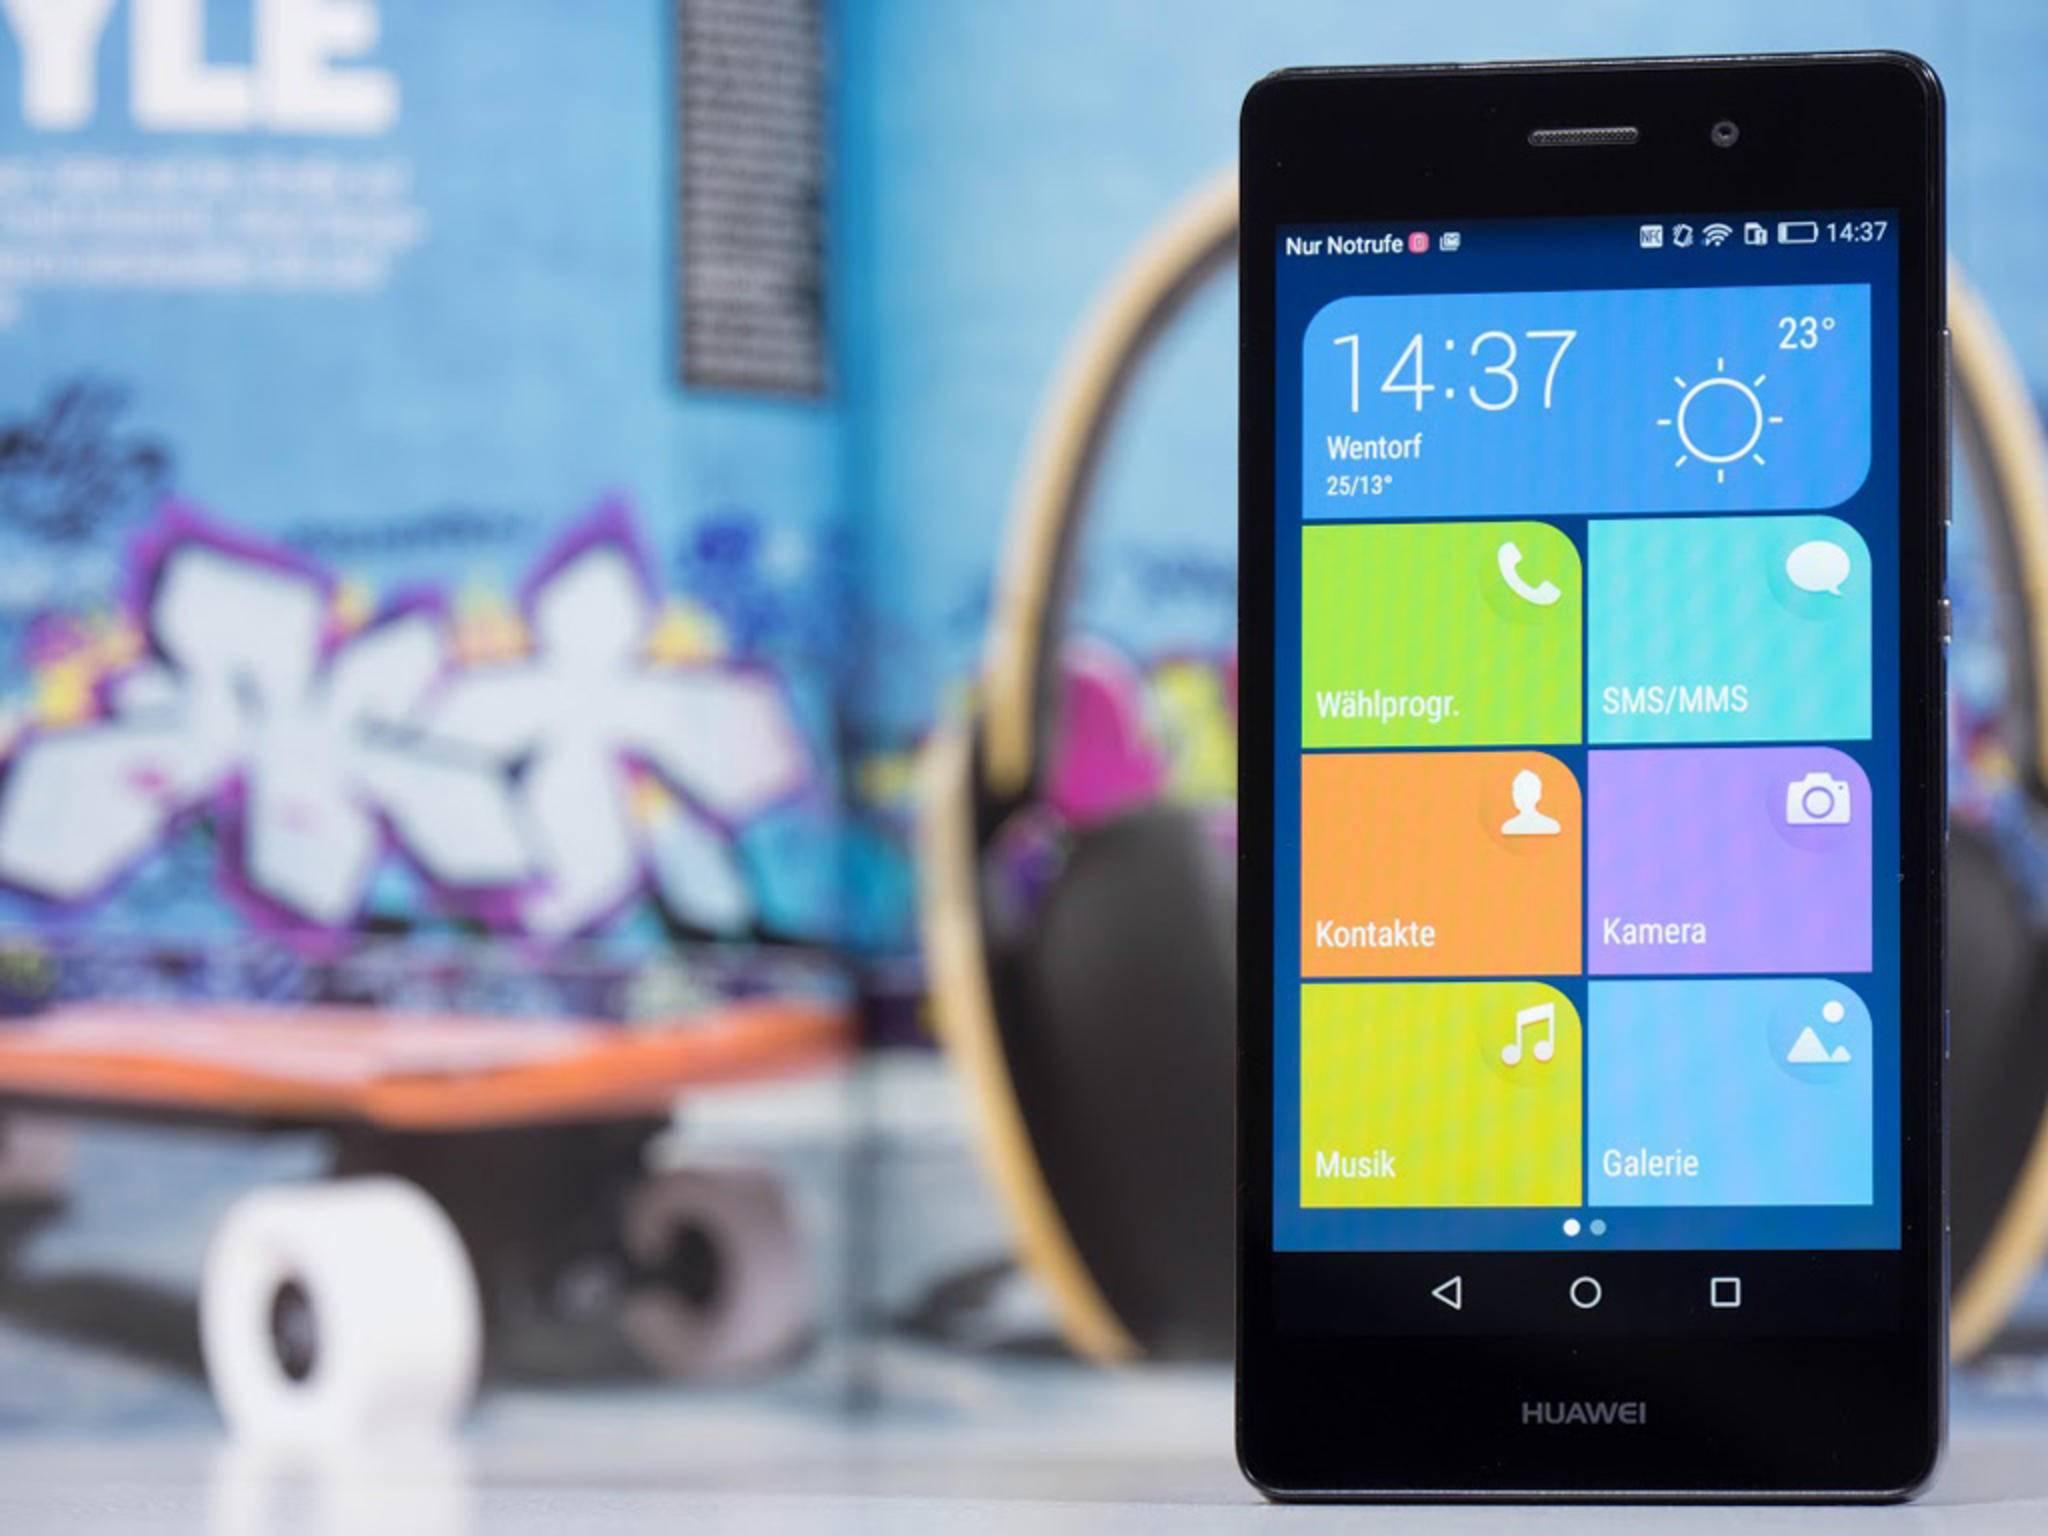 Das Huawei P8 Lite im Test. Kann das günstige Gerät überzeugen?